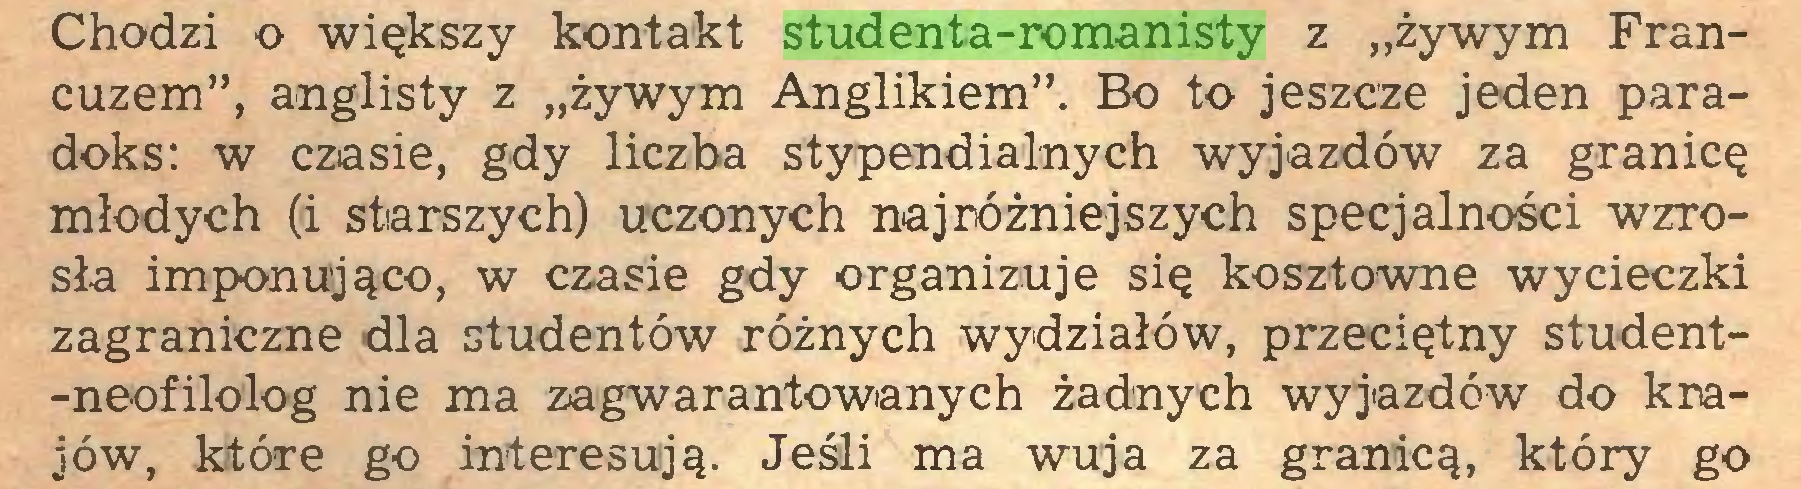 """(...) Chodzi o większy kontakt studenta-romanisty z """"żywym Francuzem"""", anglisty z """"żywym Anglikiem"""". Bo to jeszcze jeden paradoks: w czasie, gdy liczba stypendialnych wyjazdów za granicę młodych (i starszych) uczonych najróżniejszych specjalności wzrosła imponująco, w czasie gdy organizuje się kosztowne wycieczki zagraniczne dla studentów różnych wydziałów, przeciętny student-neofilolog nie ma zagwarantowanych żadnych wyjazdów do krajów, kitóre go interesują. Jeśli ma wuja za granicą, który go..."""